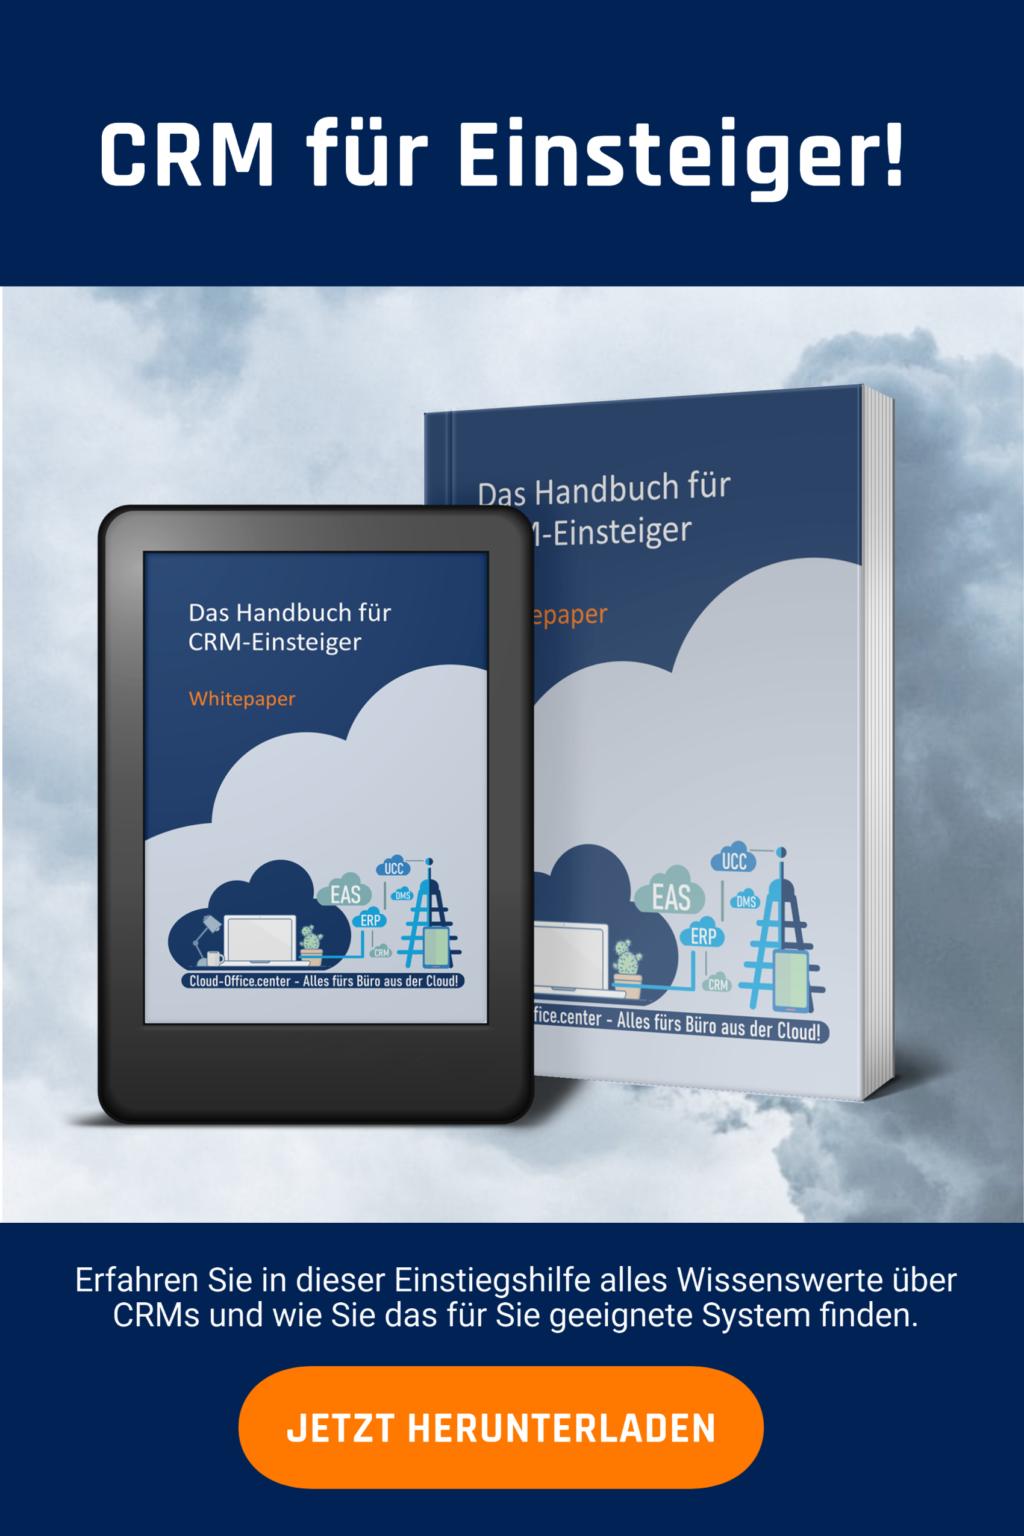 Handbuch für CRM-Einsteiger